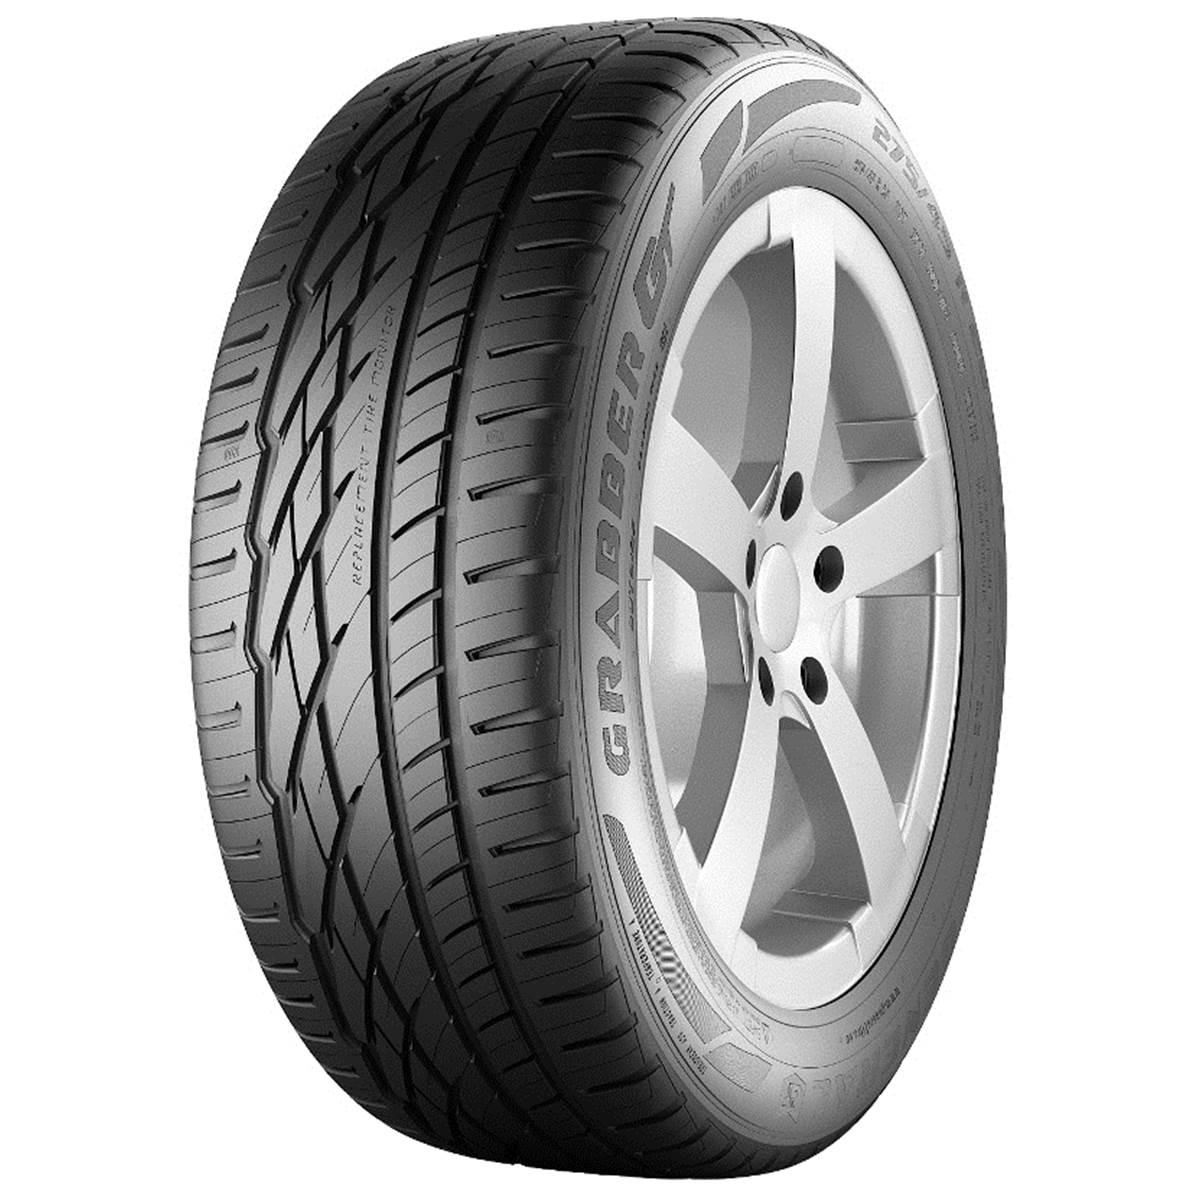 Pneu 4X4 General Tire 215/65R16 98H Grabber Gt